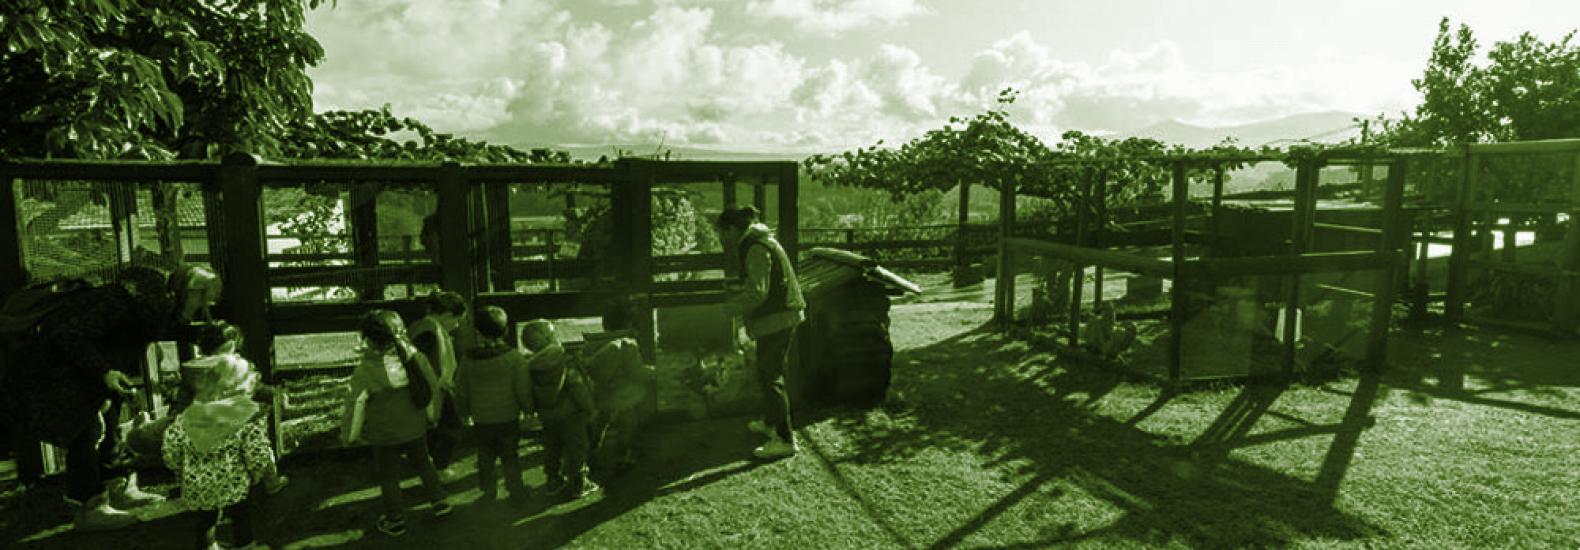 Proxecto transfronteirizo Cerveira-Tomiño